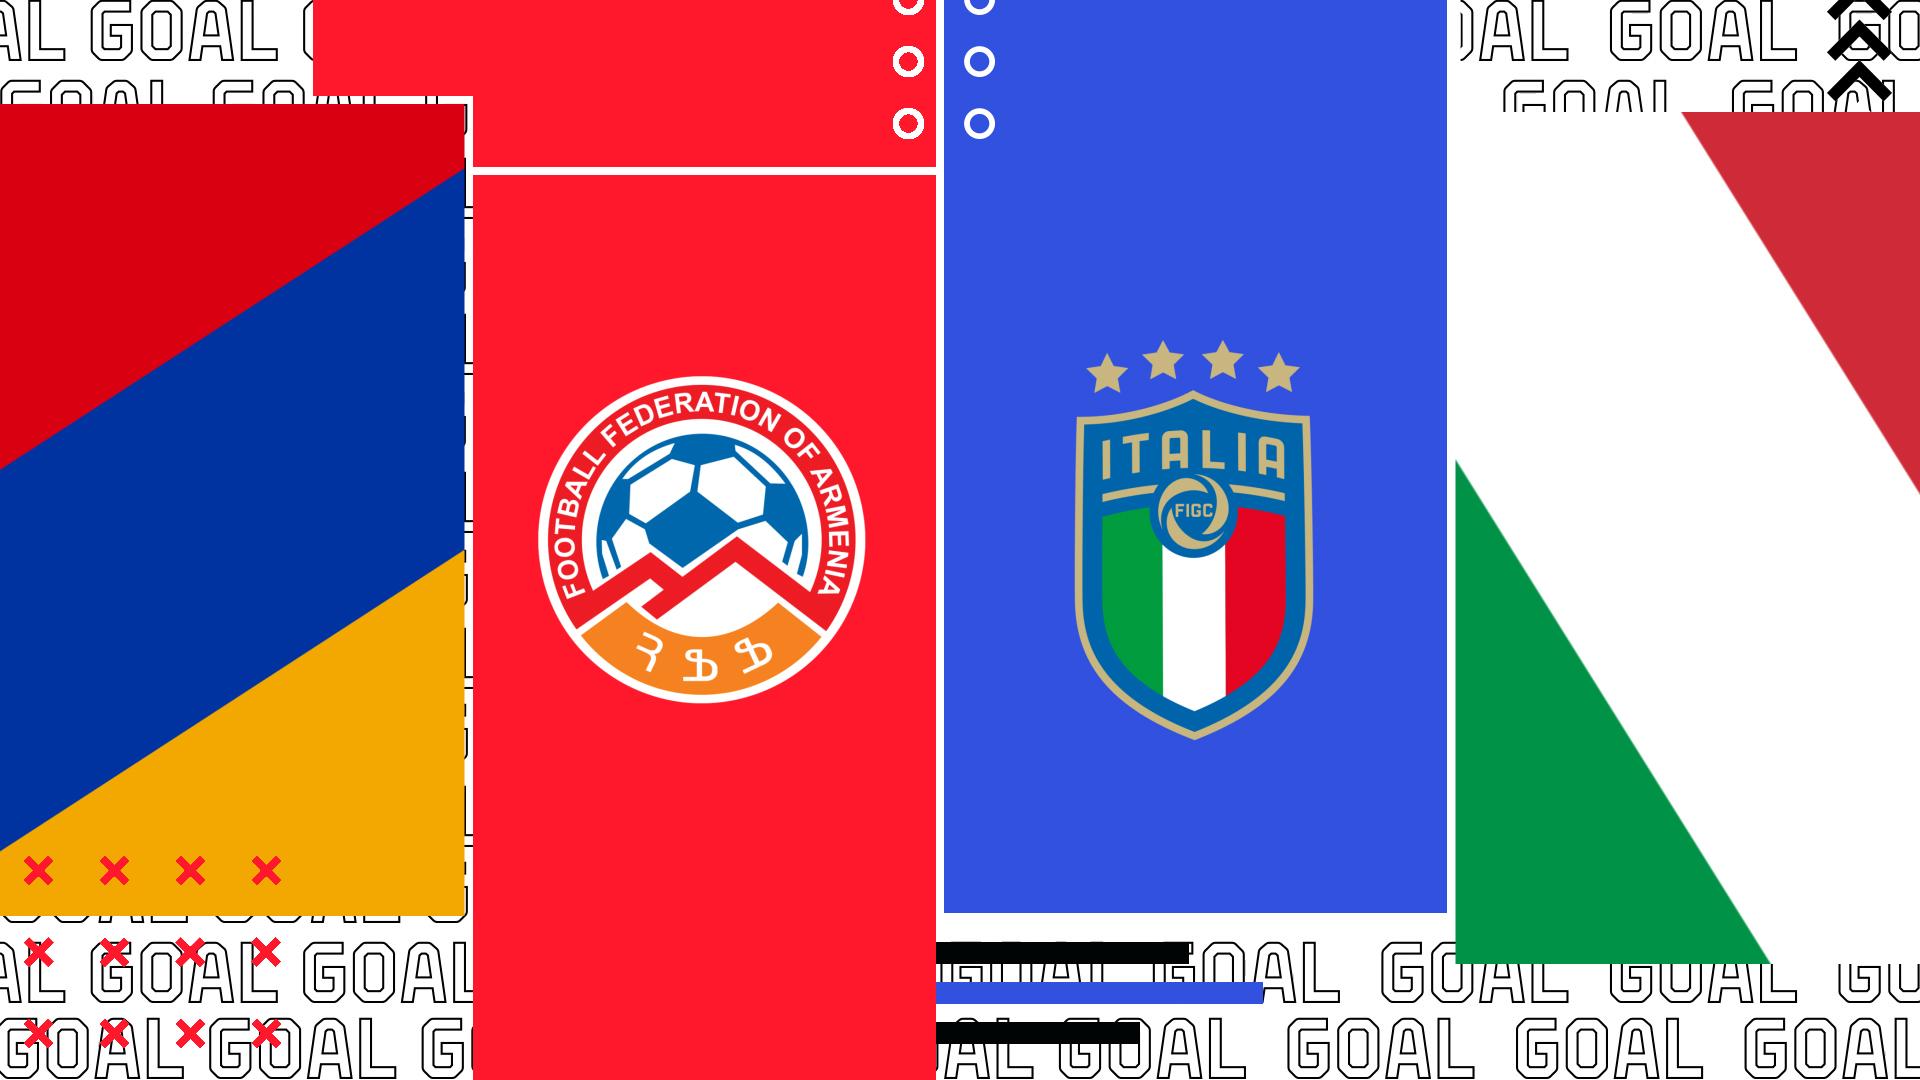 Qualificazioni Euro 2020: c'è Armenia-Italia. Dove vederla in tv